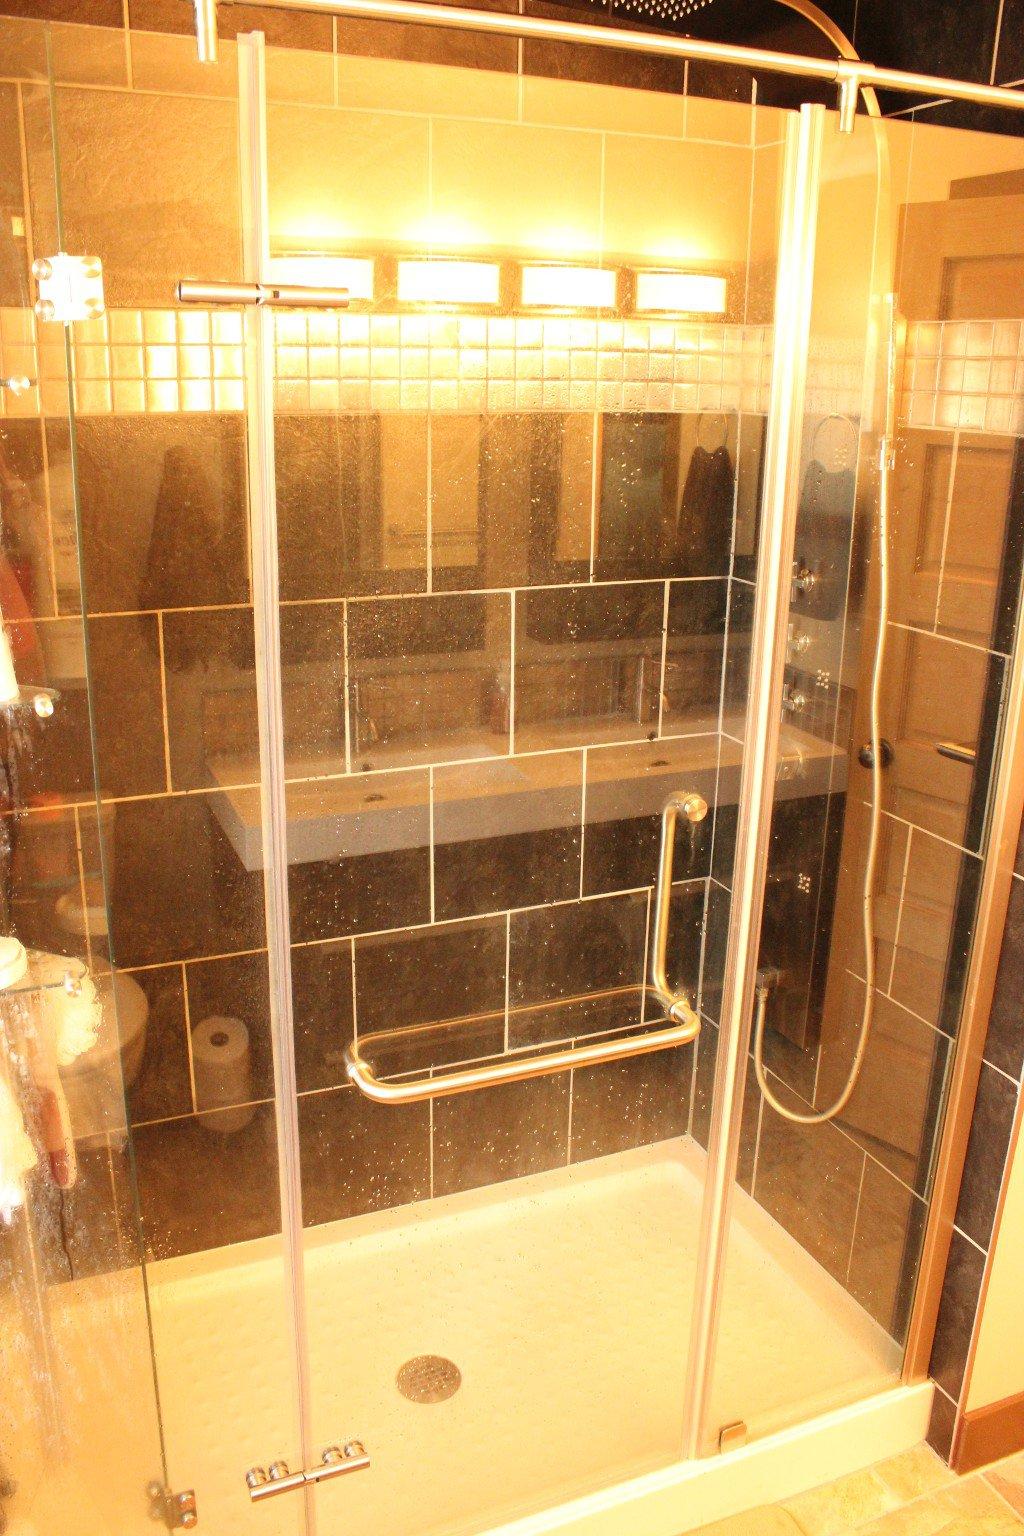 Photo 15: Photos: 6490 Barnhartvale Road in Kamloops: Barnhartvale House for sale : MLS®# 128239